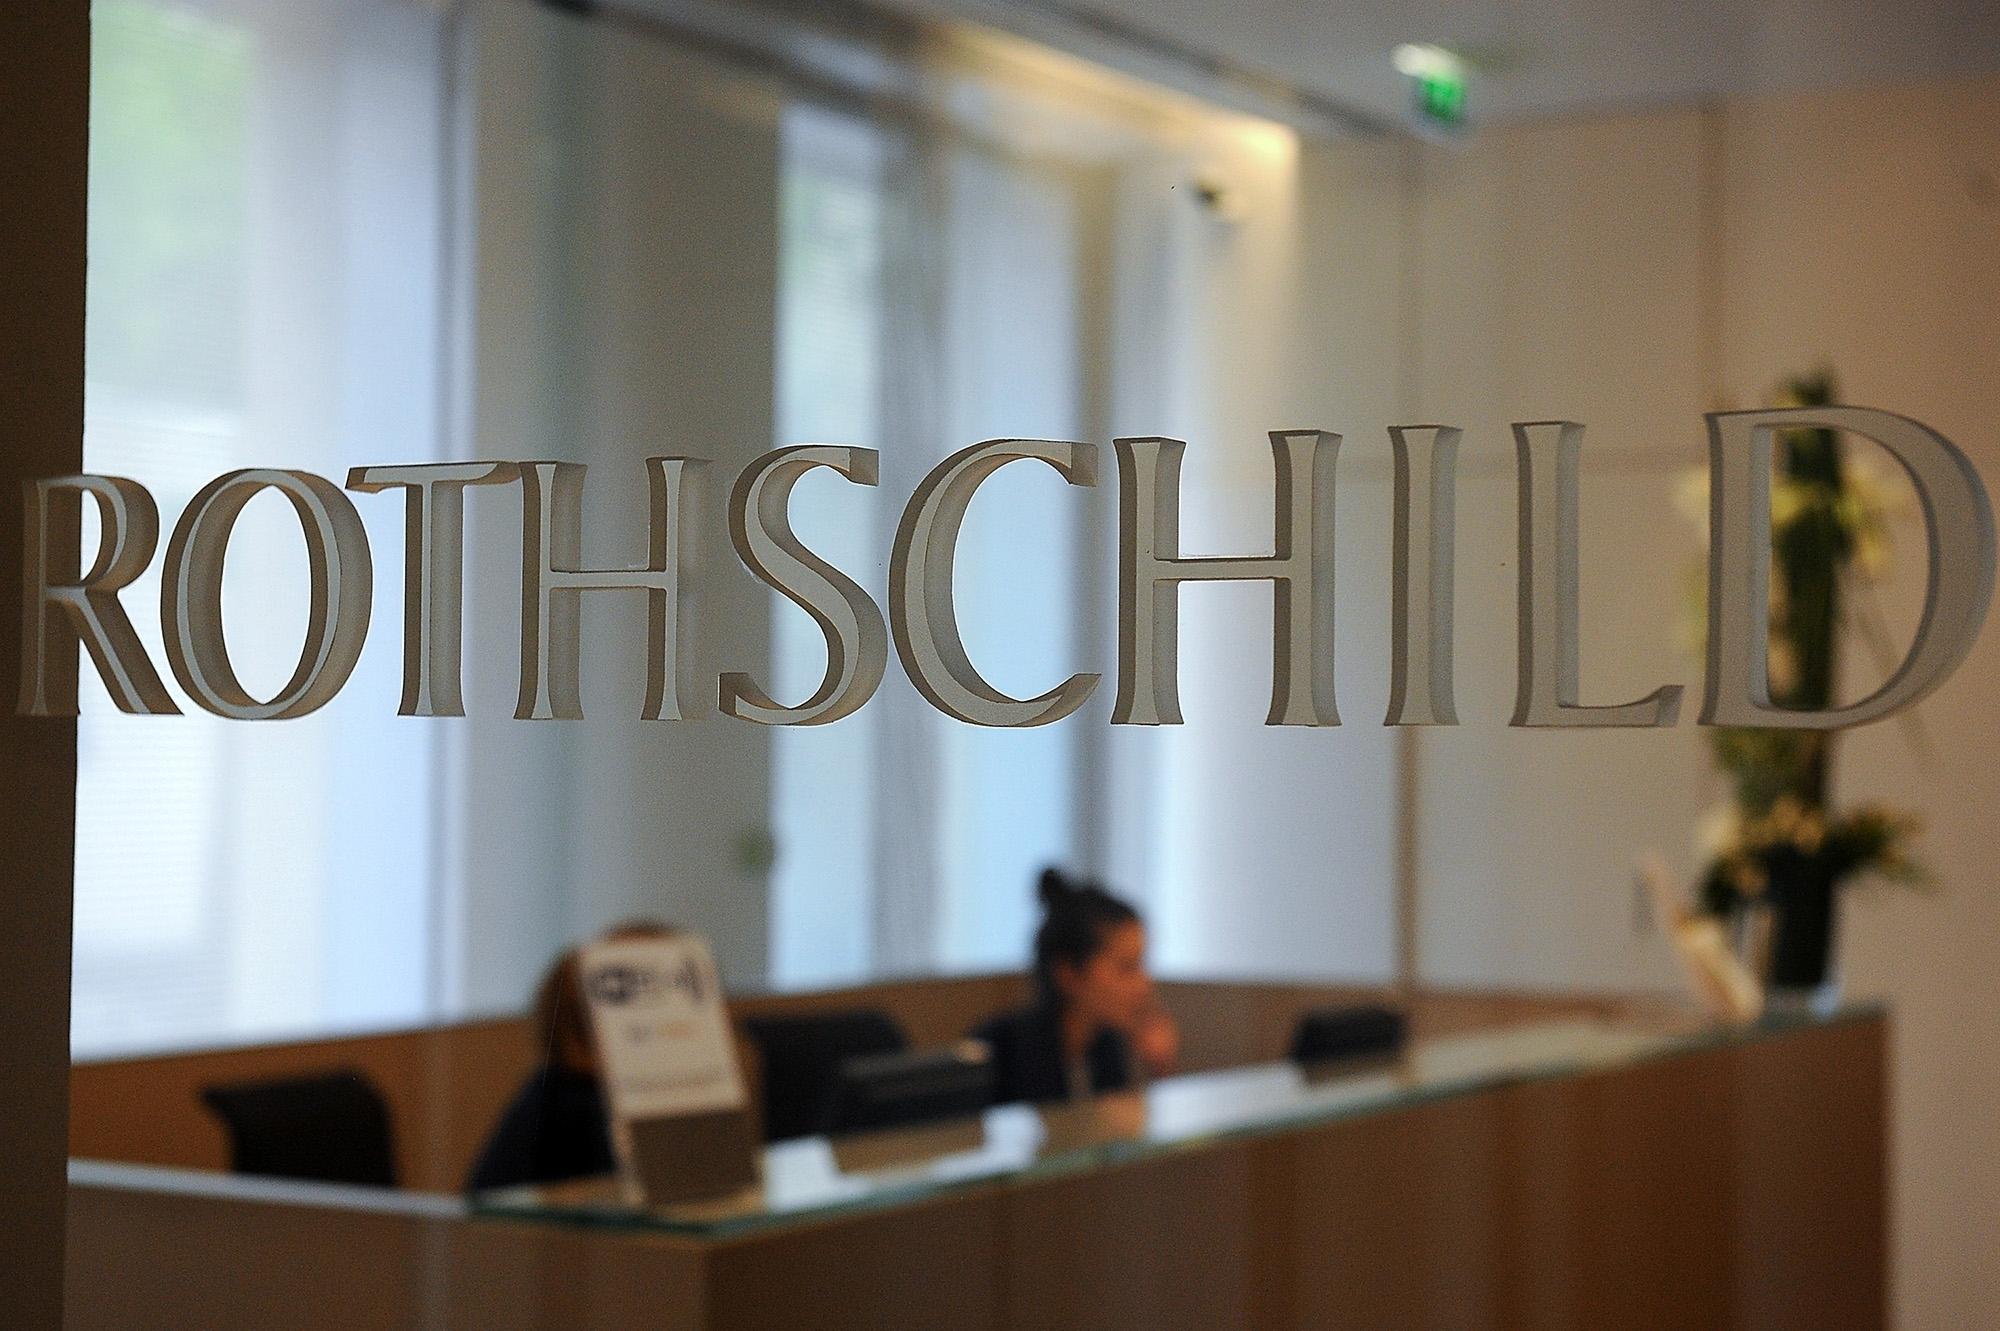 Rothschild: Όλα όσα πρέπει να ξέρετε για την πιο ισχυρή τραπεζική οικογένεια του πλανήτη